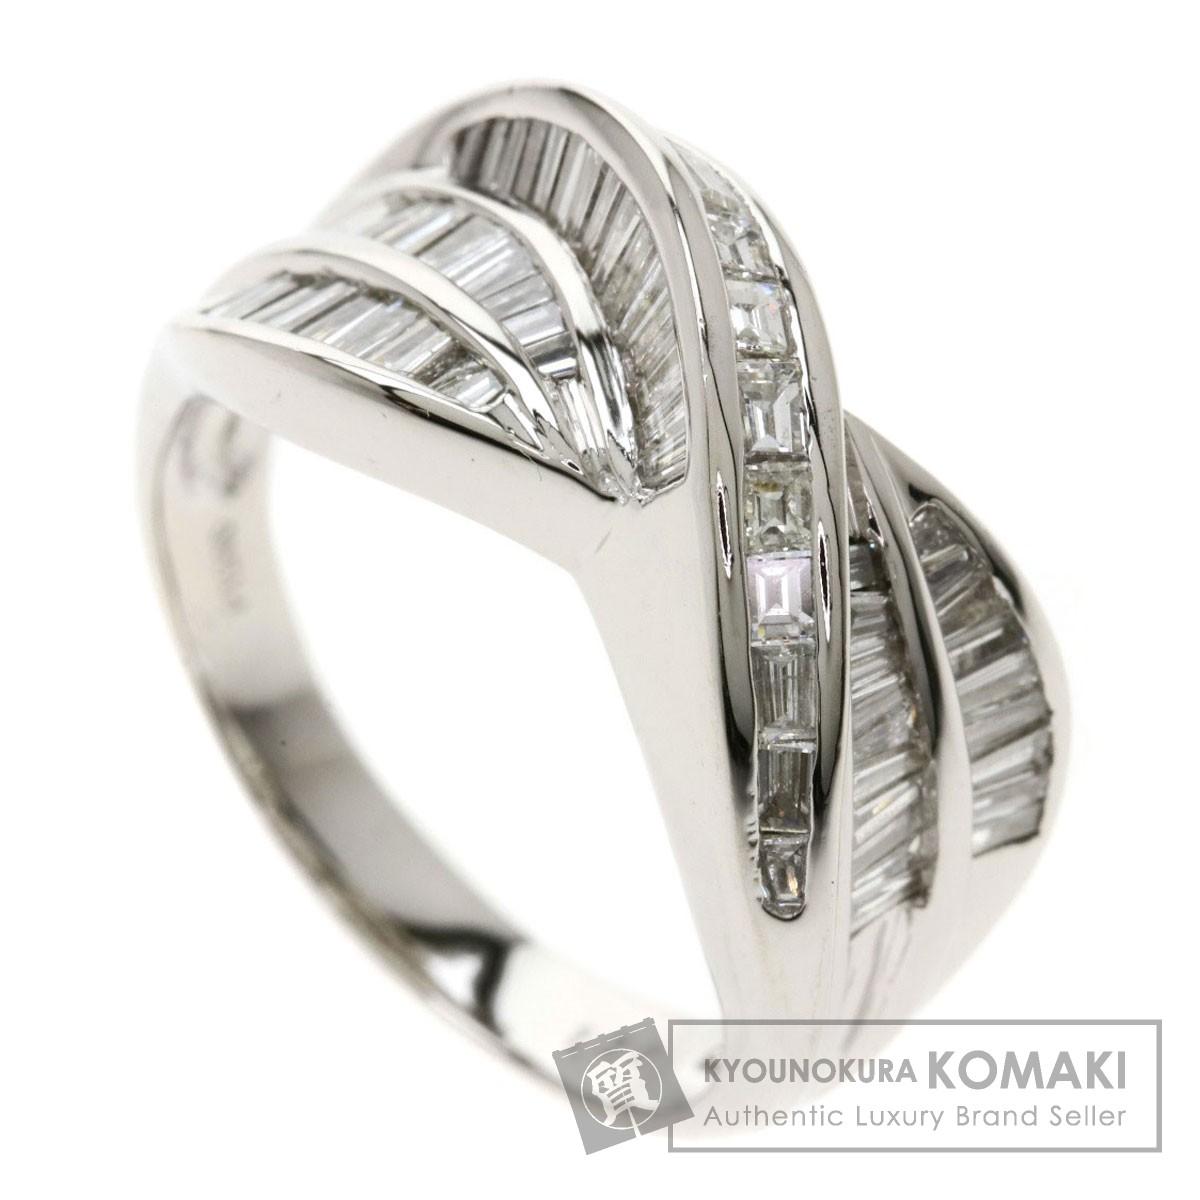 1.3ct ダイヤモンド リング・指輪 プラチナPT900 10.8g レディース 【中古】